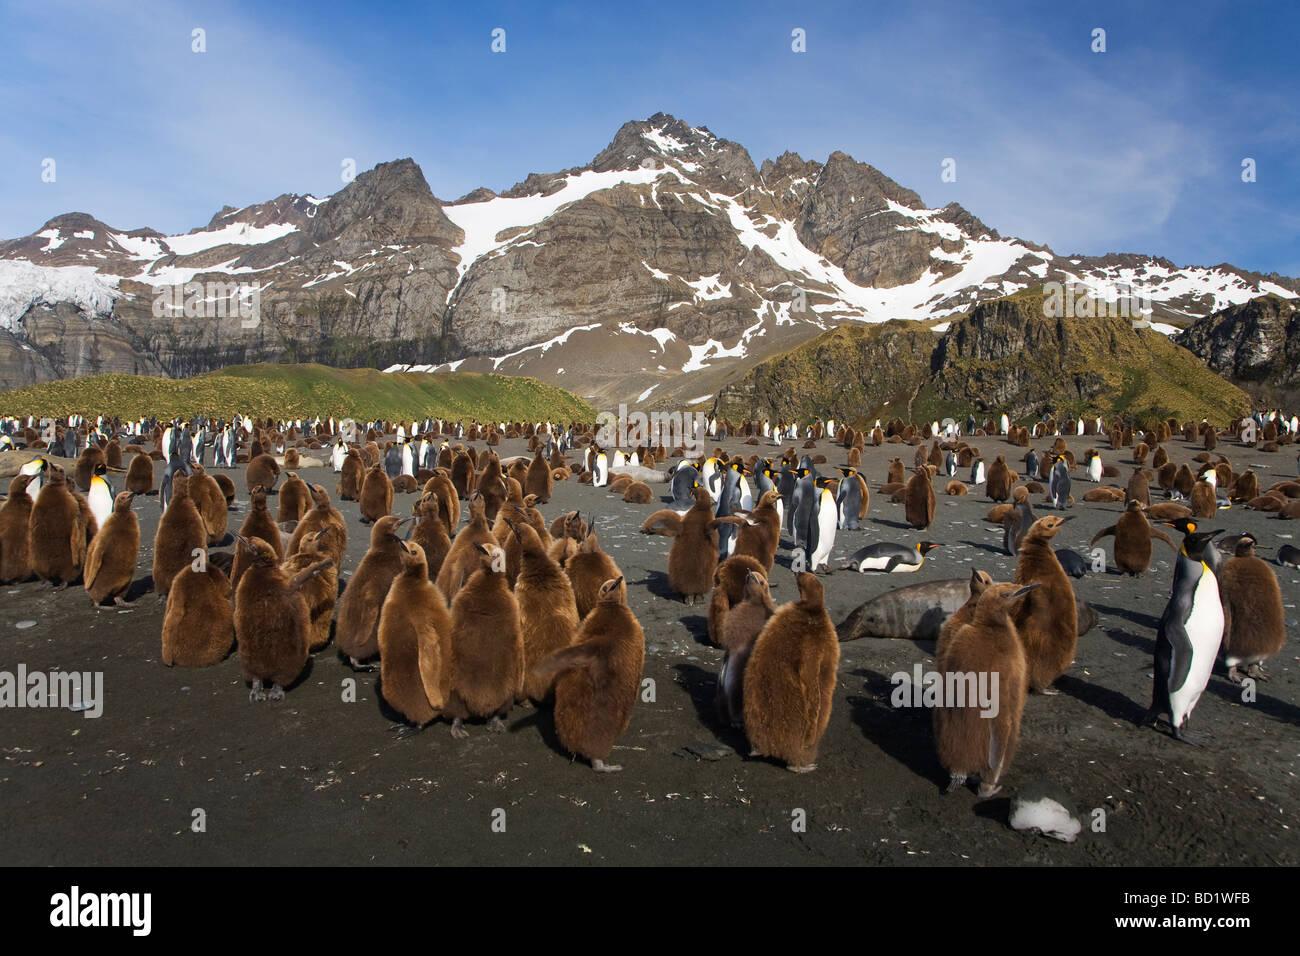 Le manchot royal Aptenodytes patagonicus sur la plage de Gold Harbour Antarctique Géorgie du Sud Banque D'Images